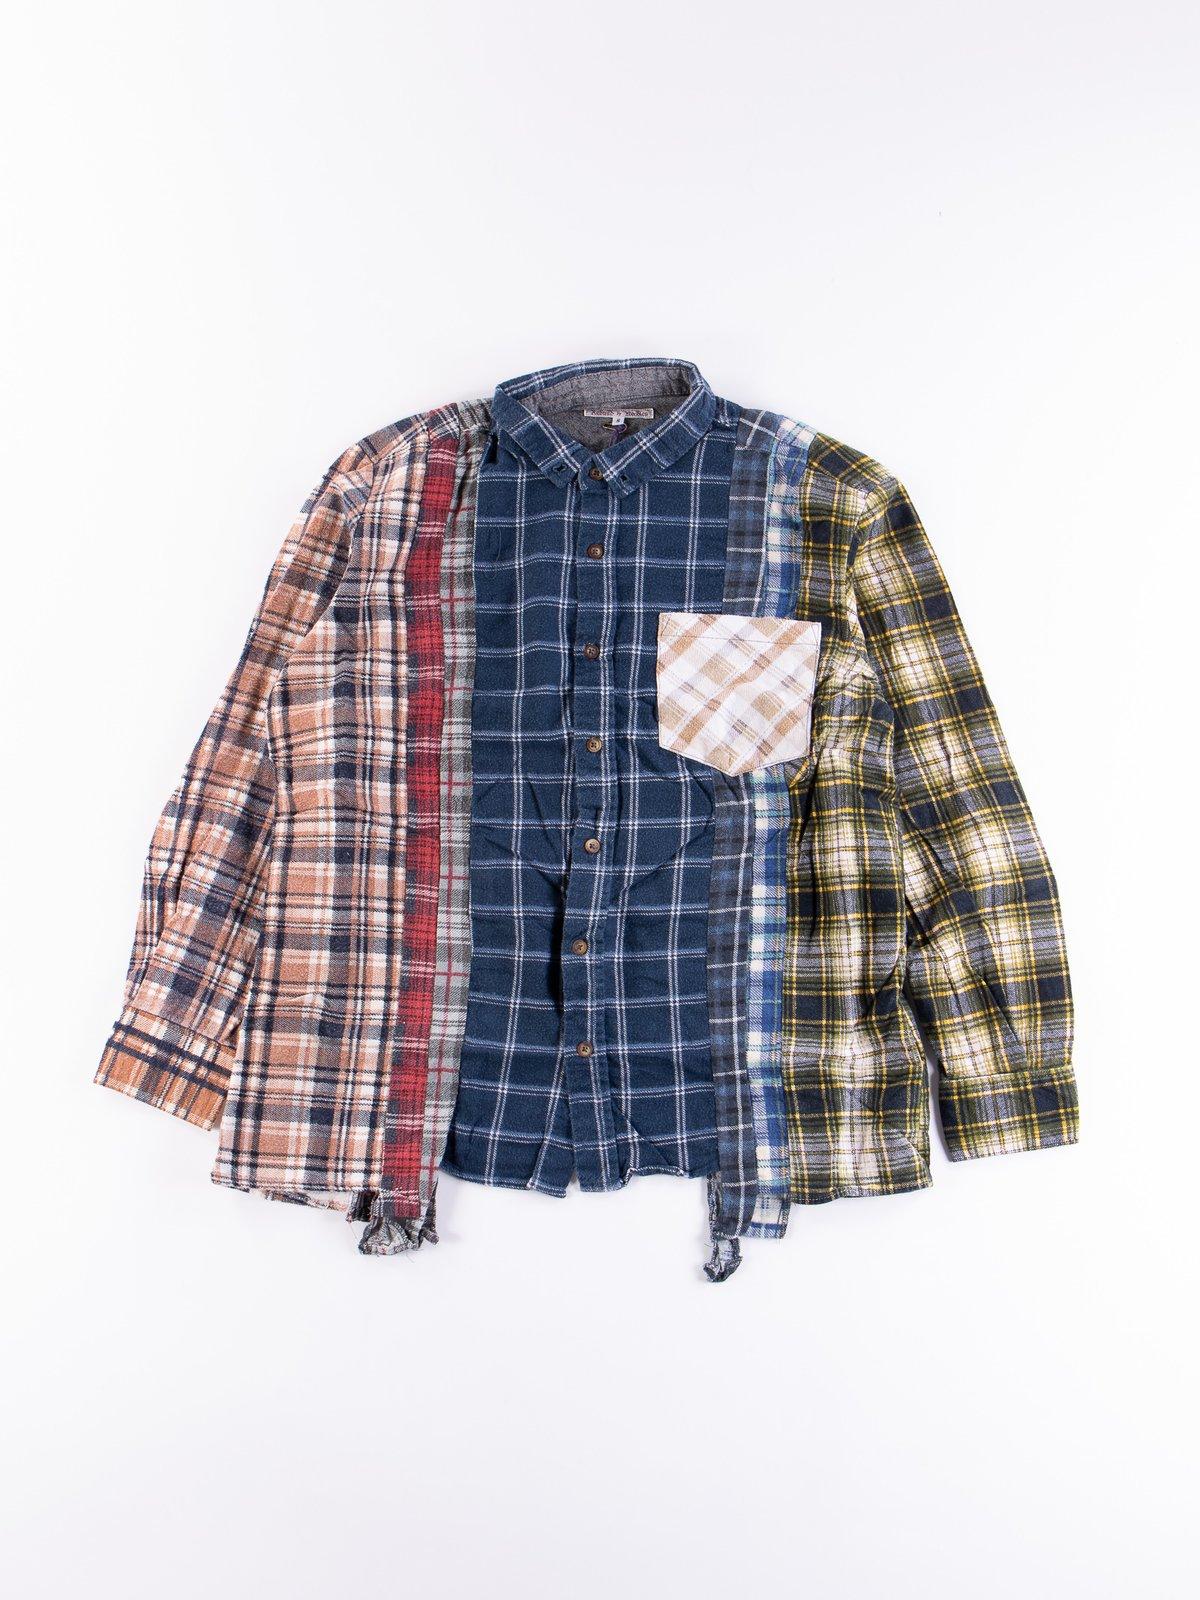 Assorted 7 Cuts Rebuild Shirt - Image 3